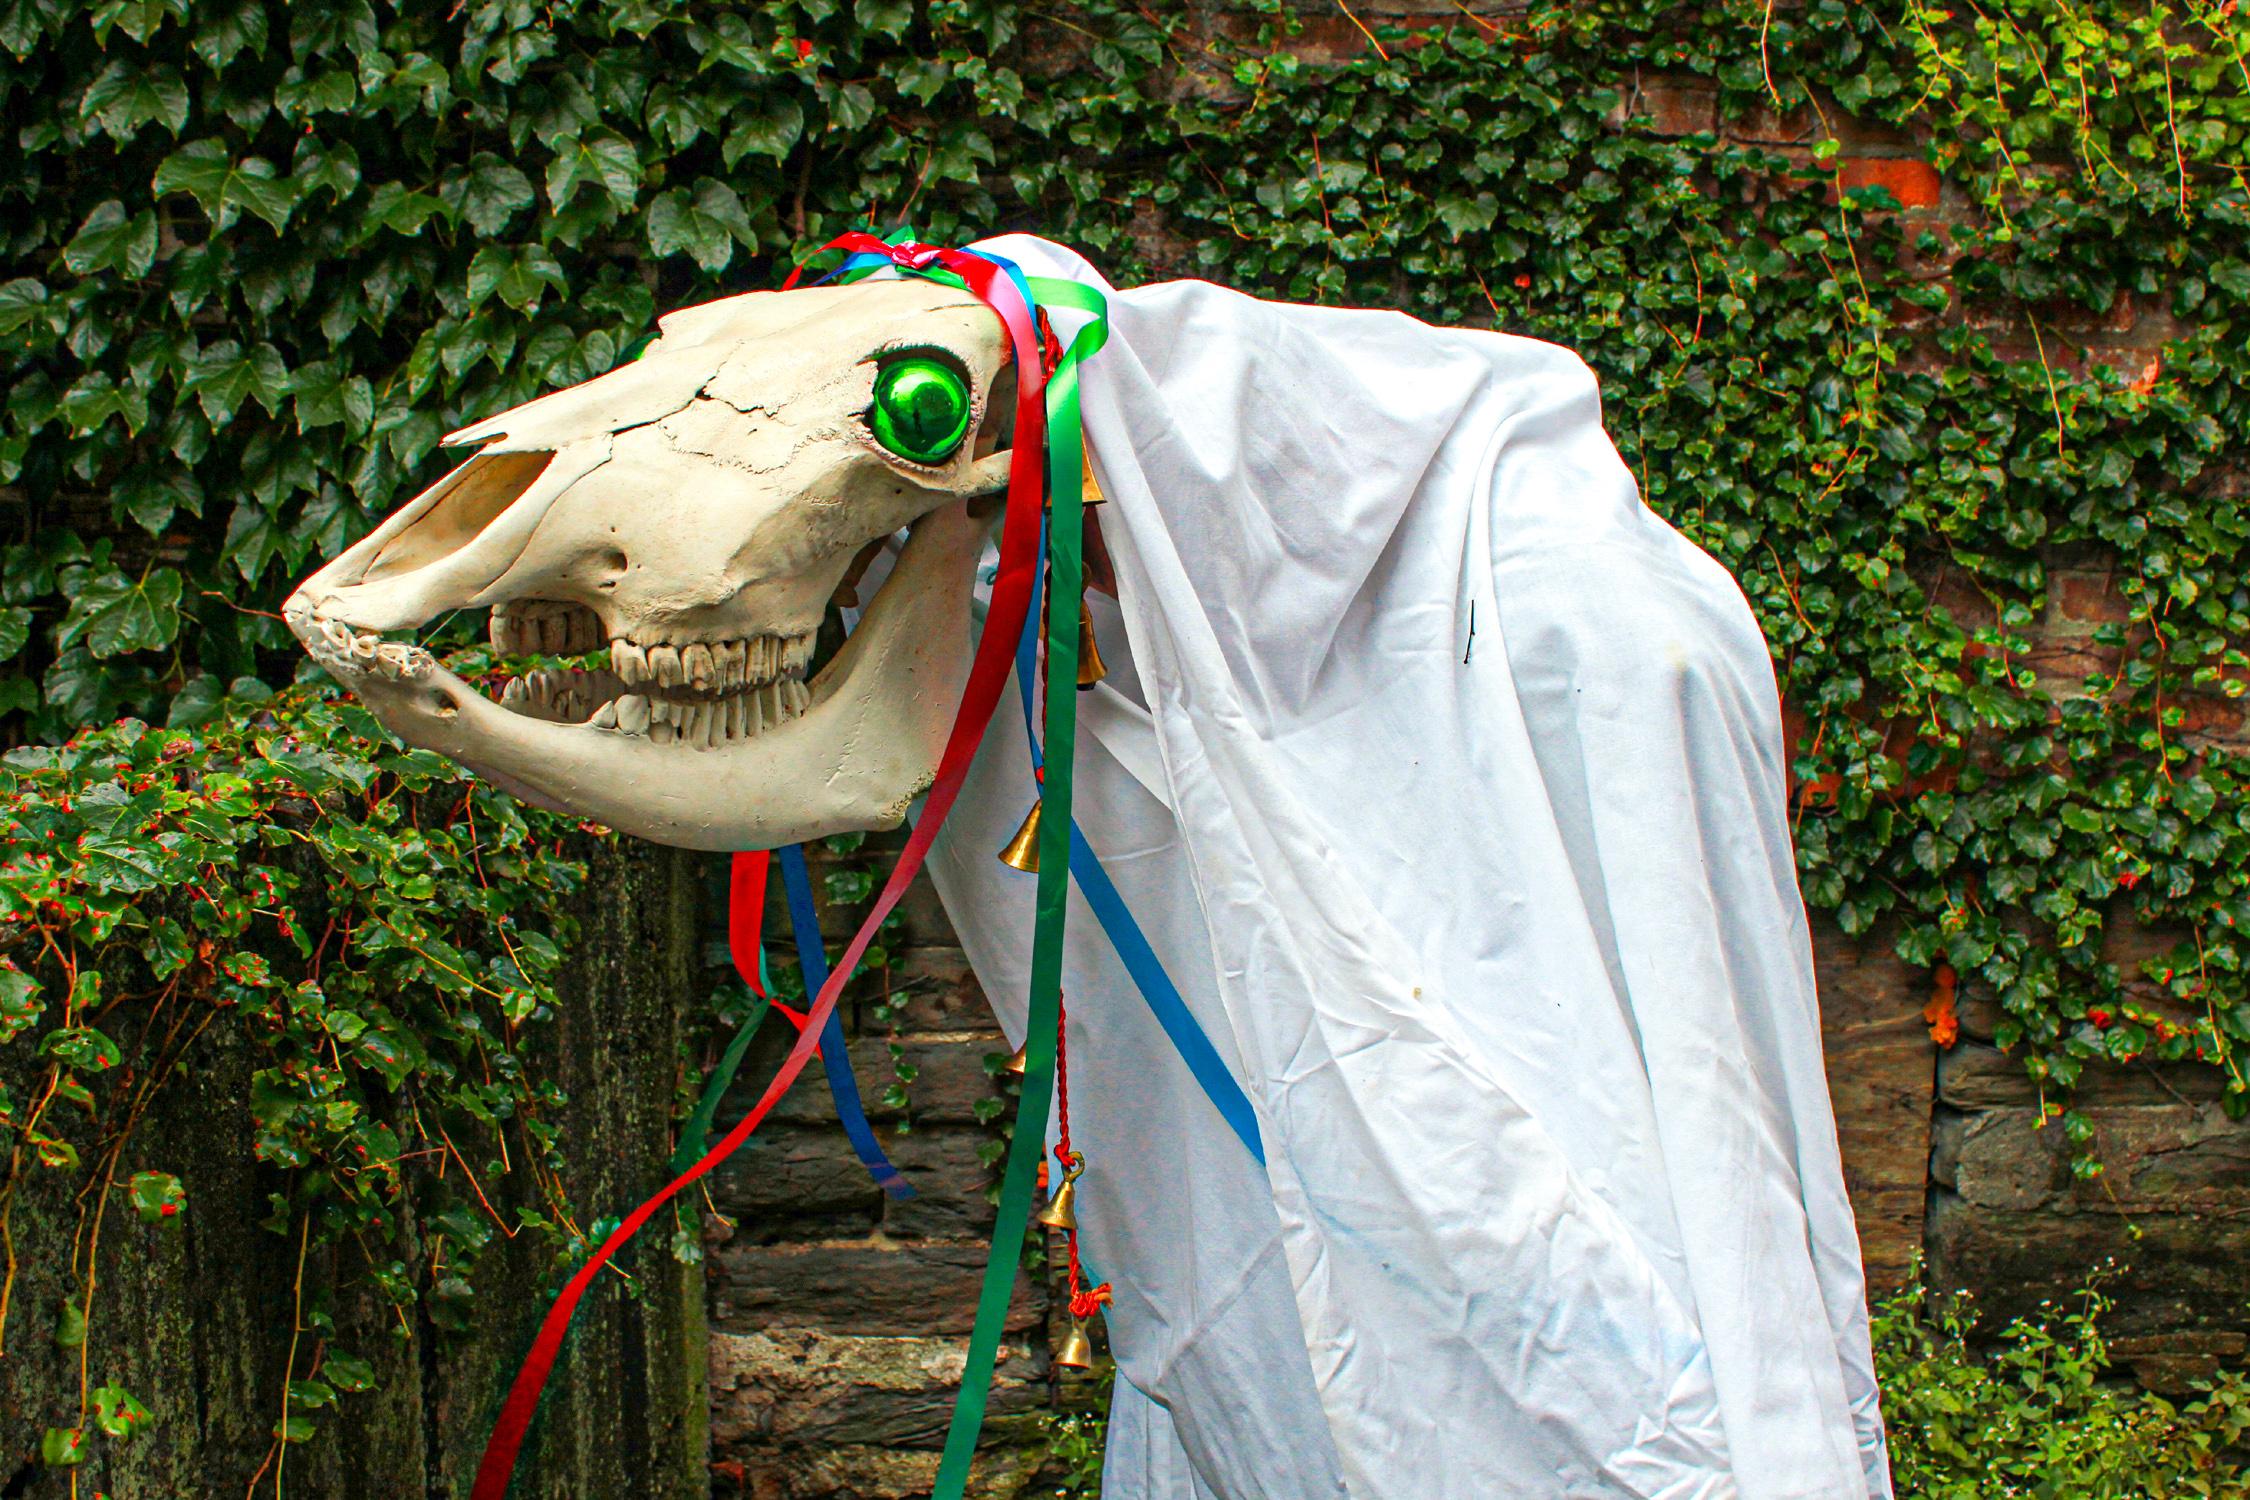 cómo se celebra la navidad en el resto del mundo: calavera de yegua durante el festival de Mari Lwyd en Gales